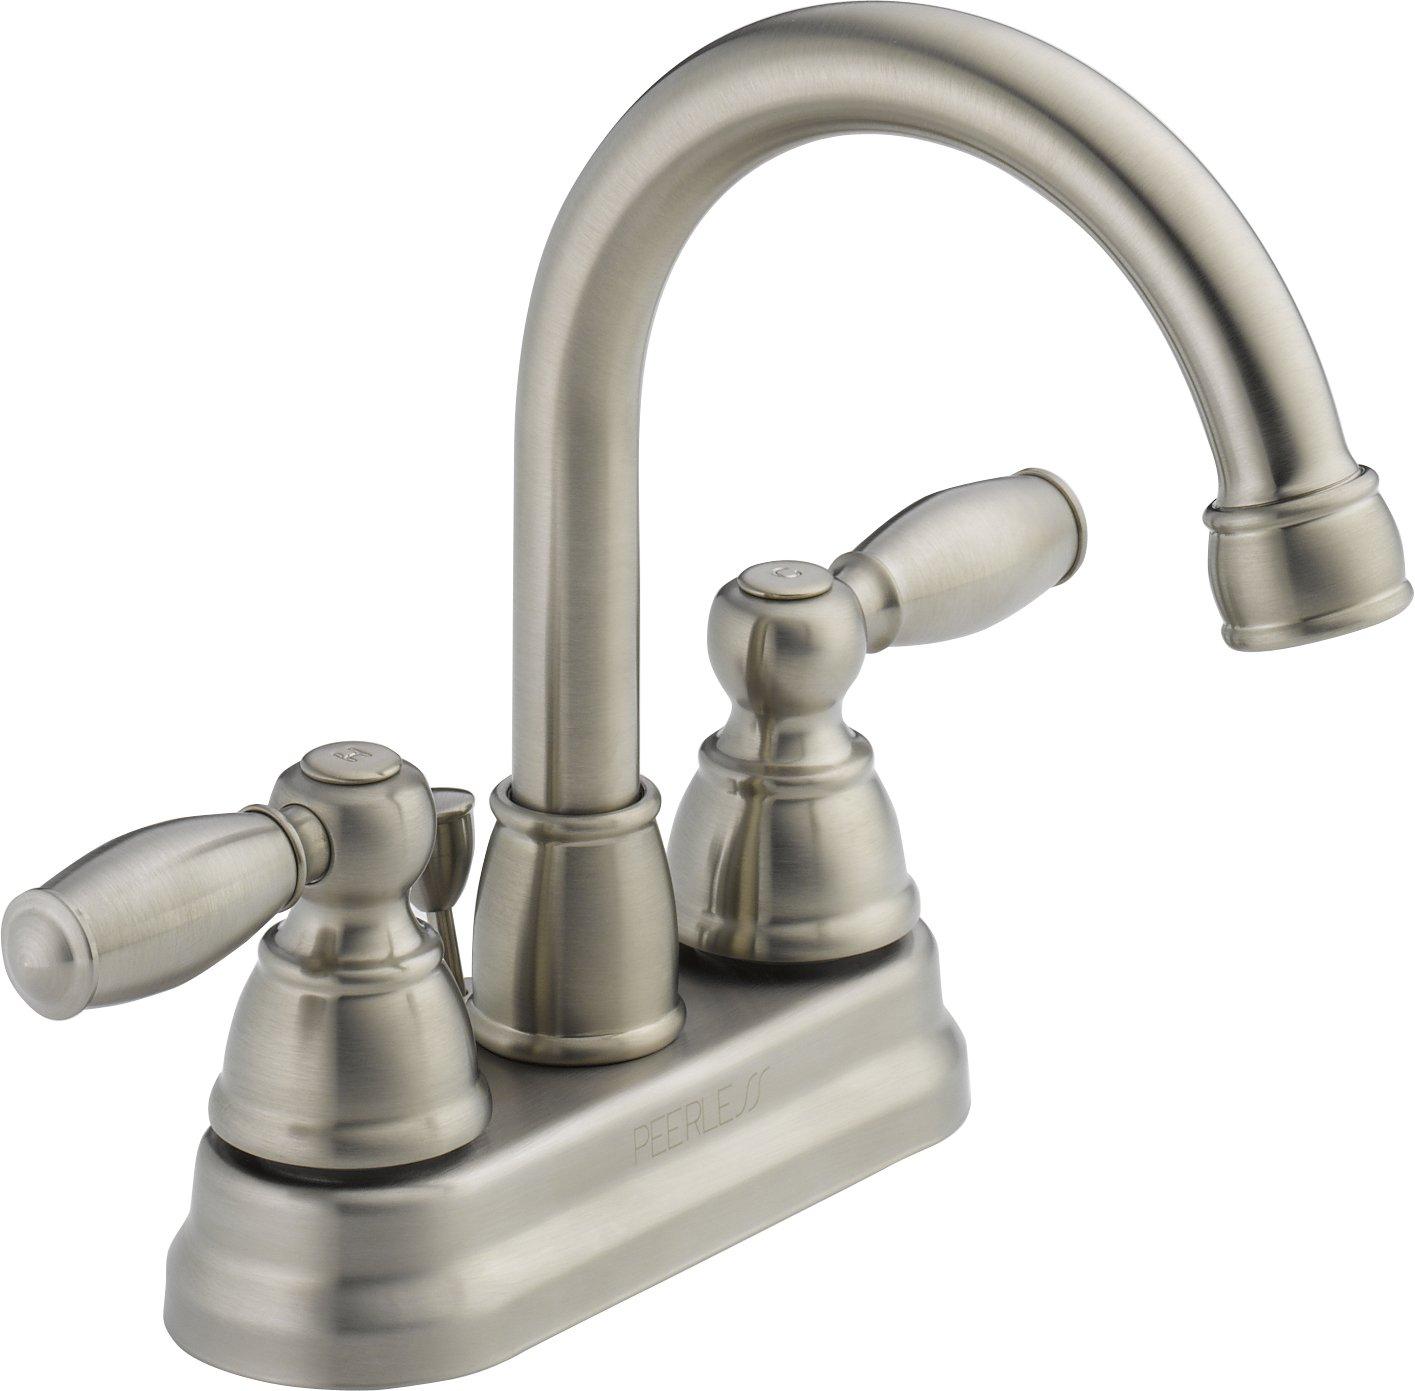 Peerless P299685LF-BN Apex Two Handle Bathroom Faucet, Brushed ...